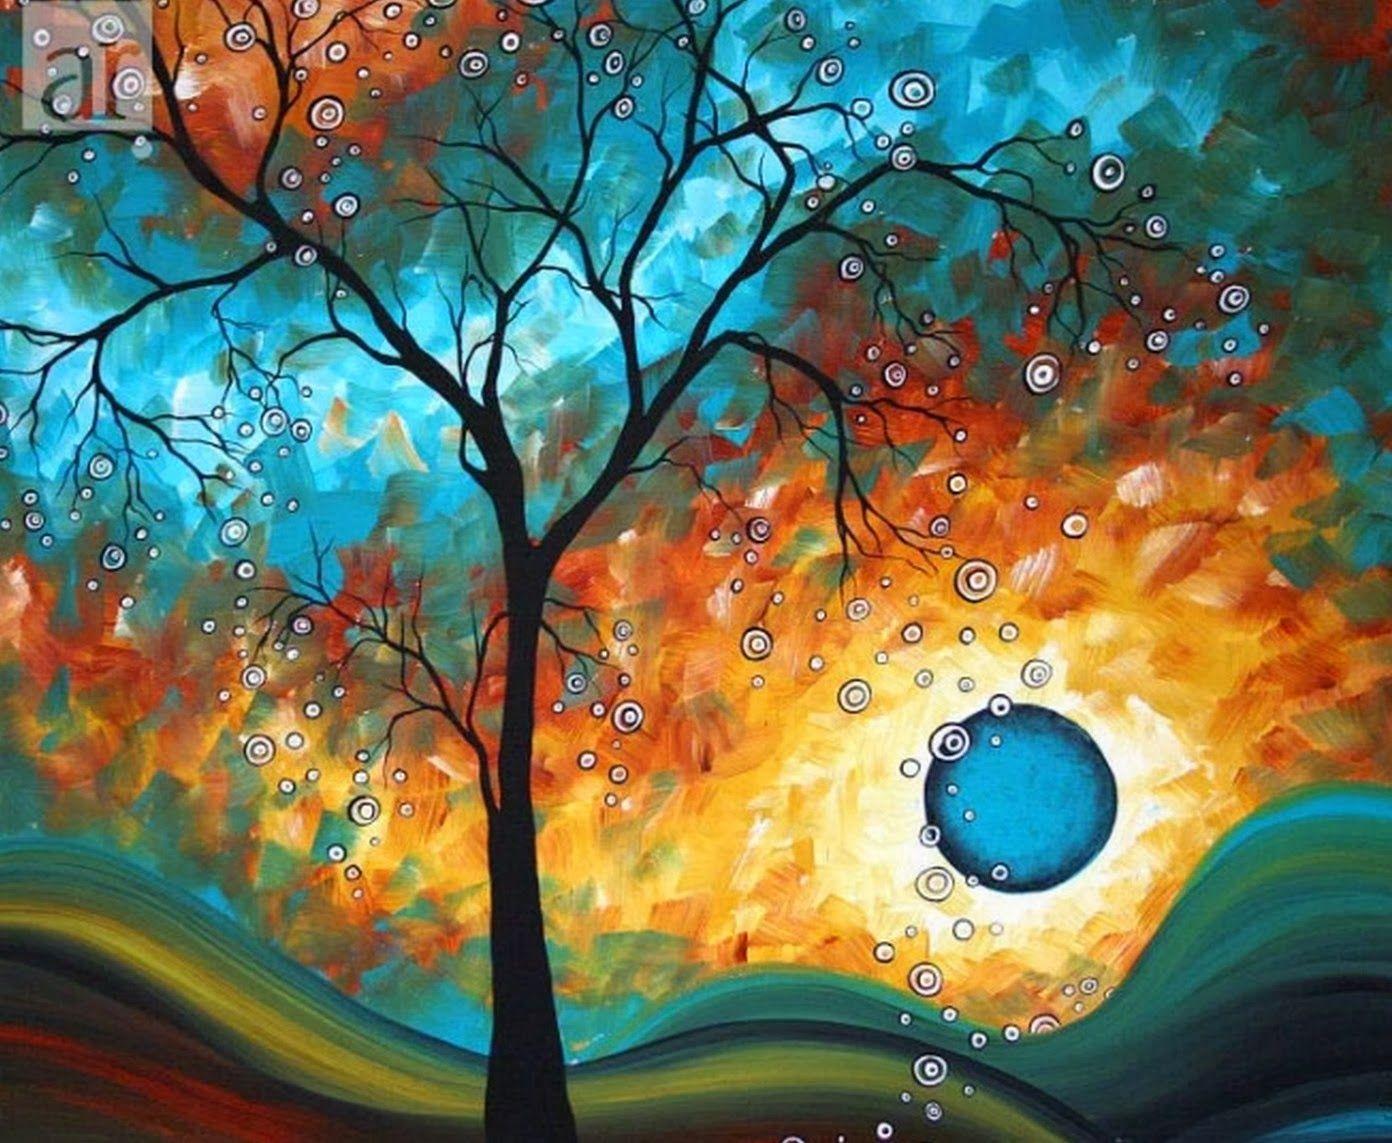 Cuadros modernos abstractos de paisajes aroon duncanson - Pintura cuadros modernos ...